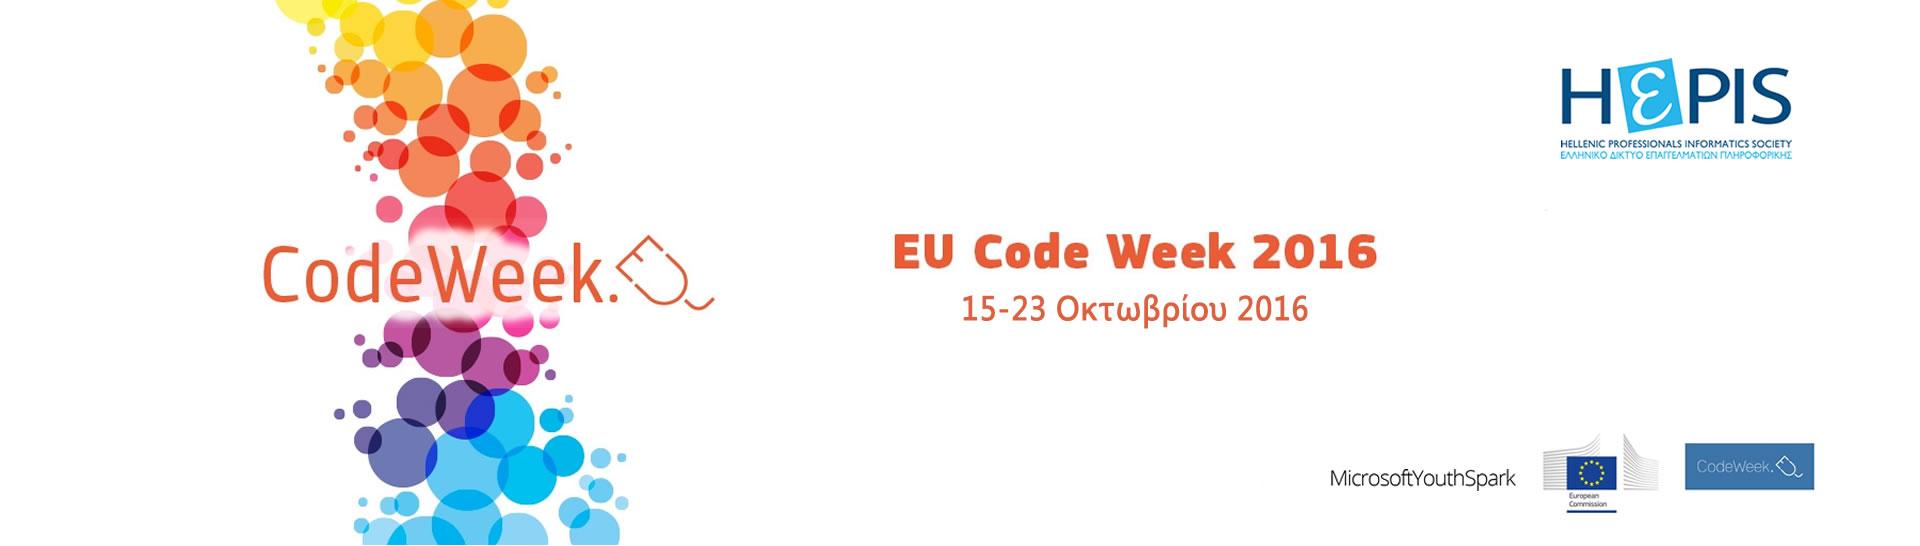 code-week-2016-1920x546